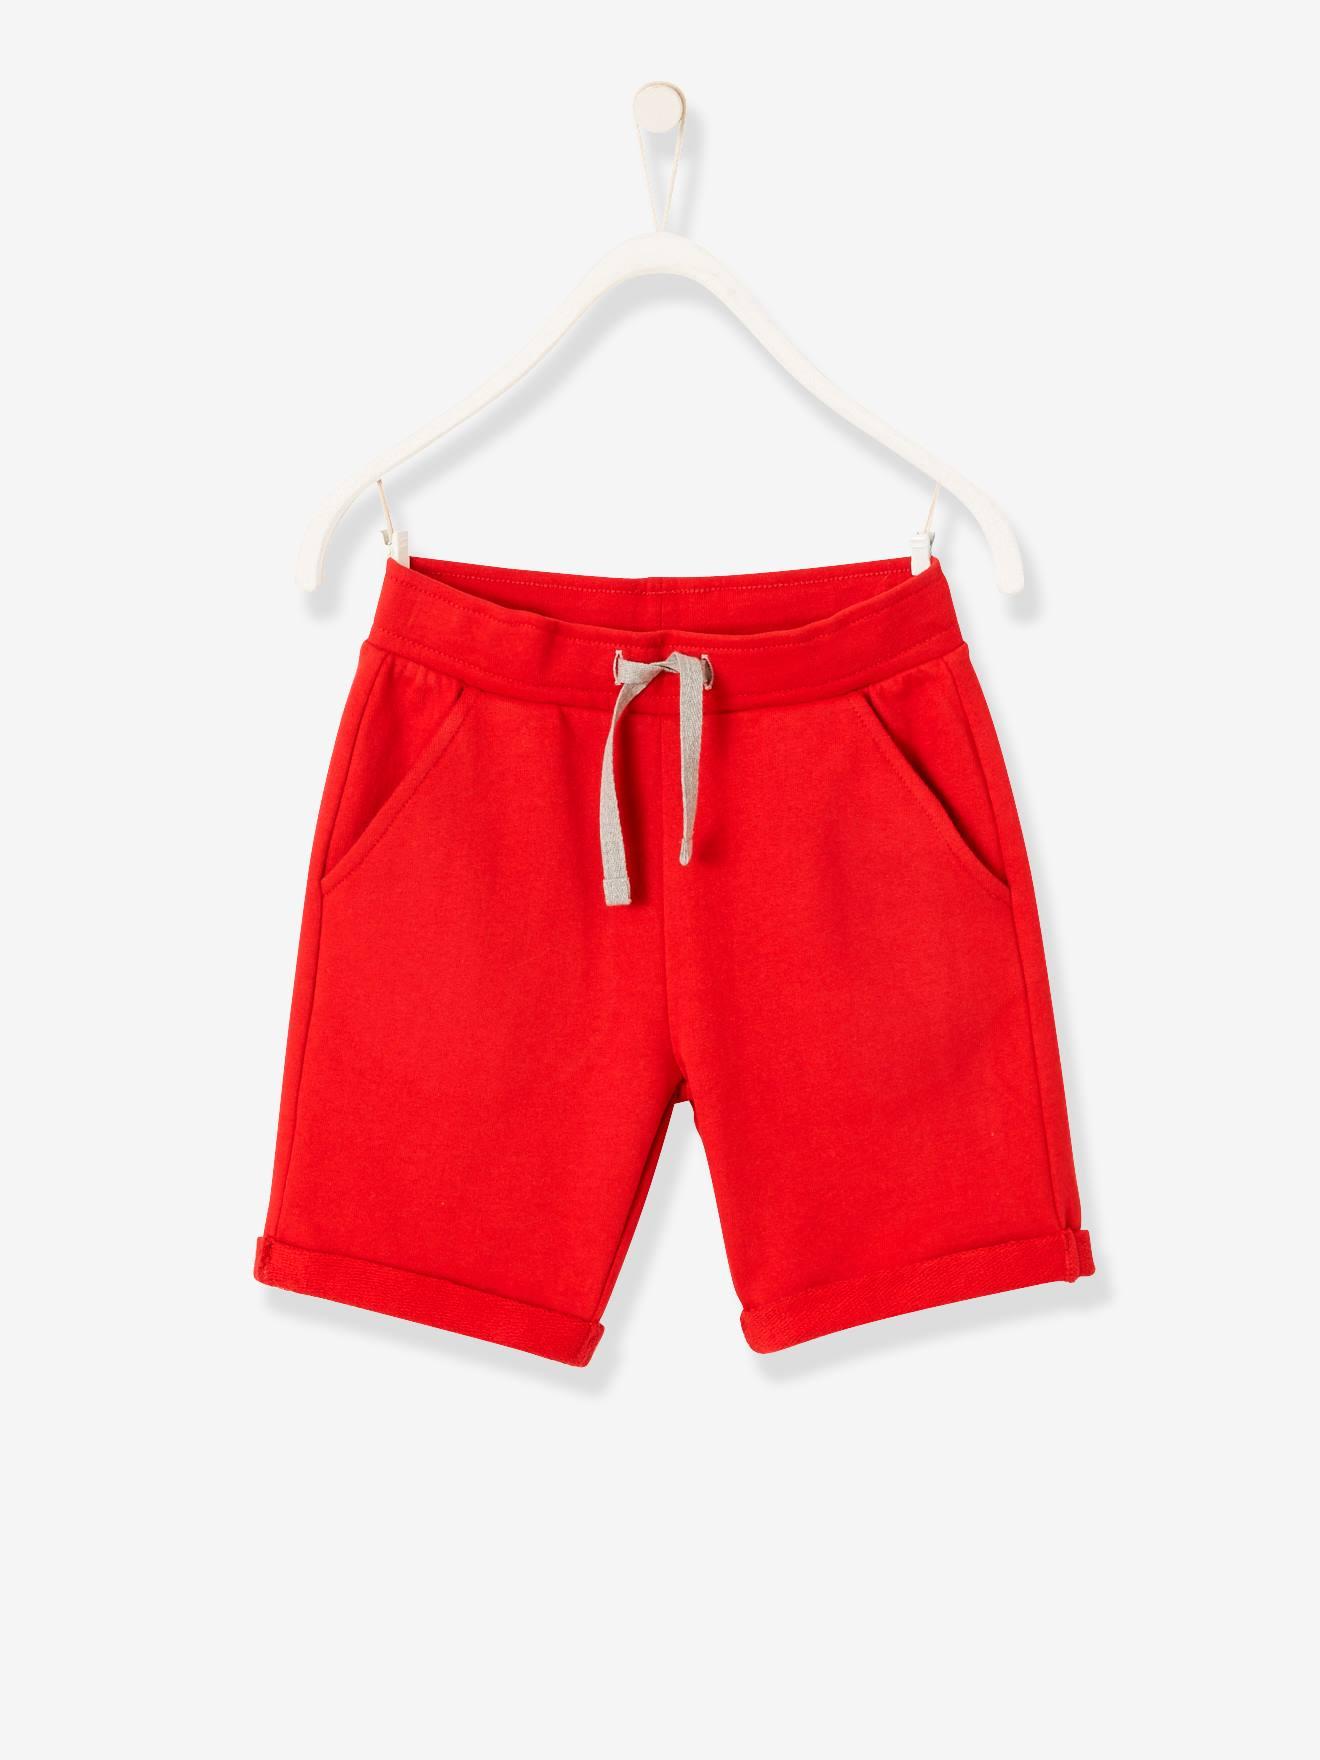 Bermuda garçon en molleton rouge - Vertbaudet